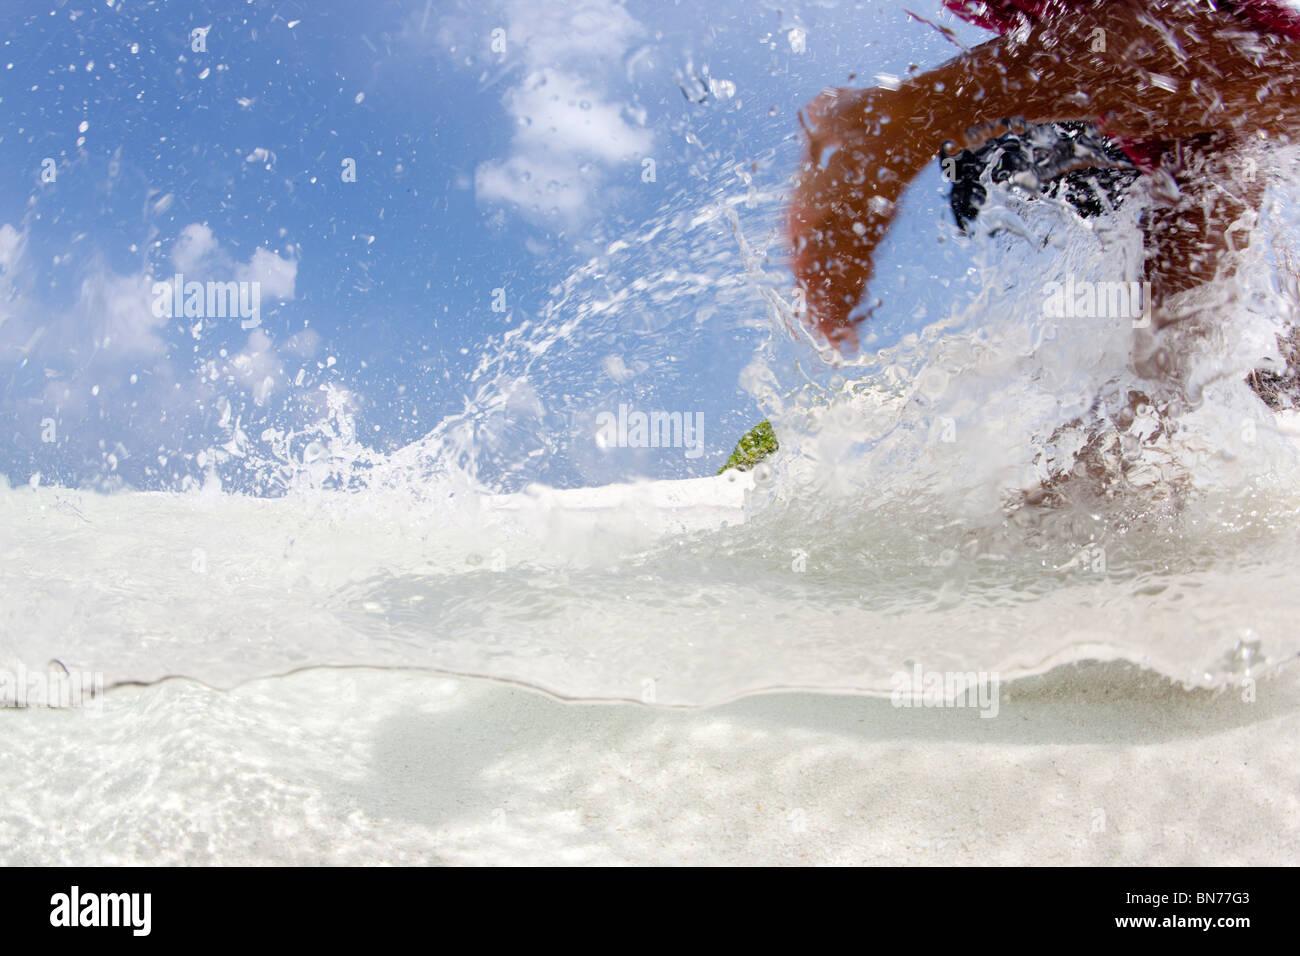 Jugar en el agua poco profunda, en una remota cadena atolón de las Maldivas, Océano Índico Imagen De Stock